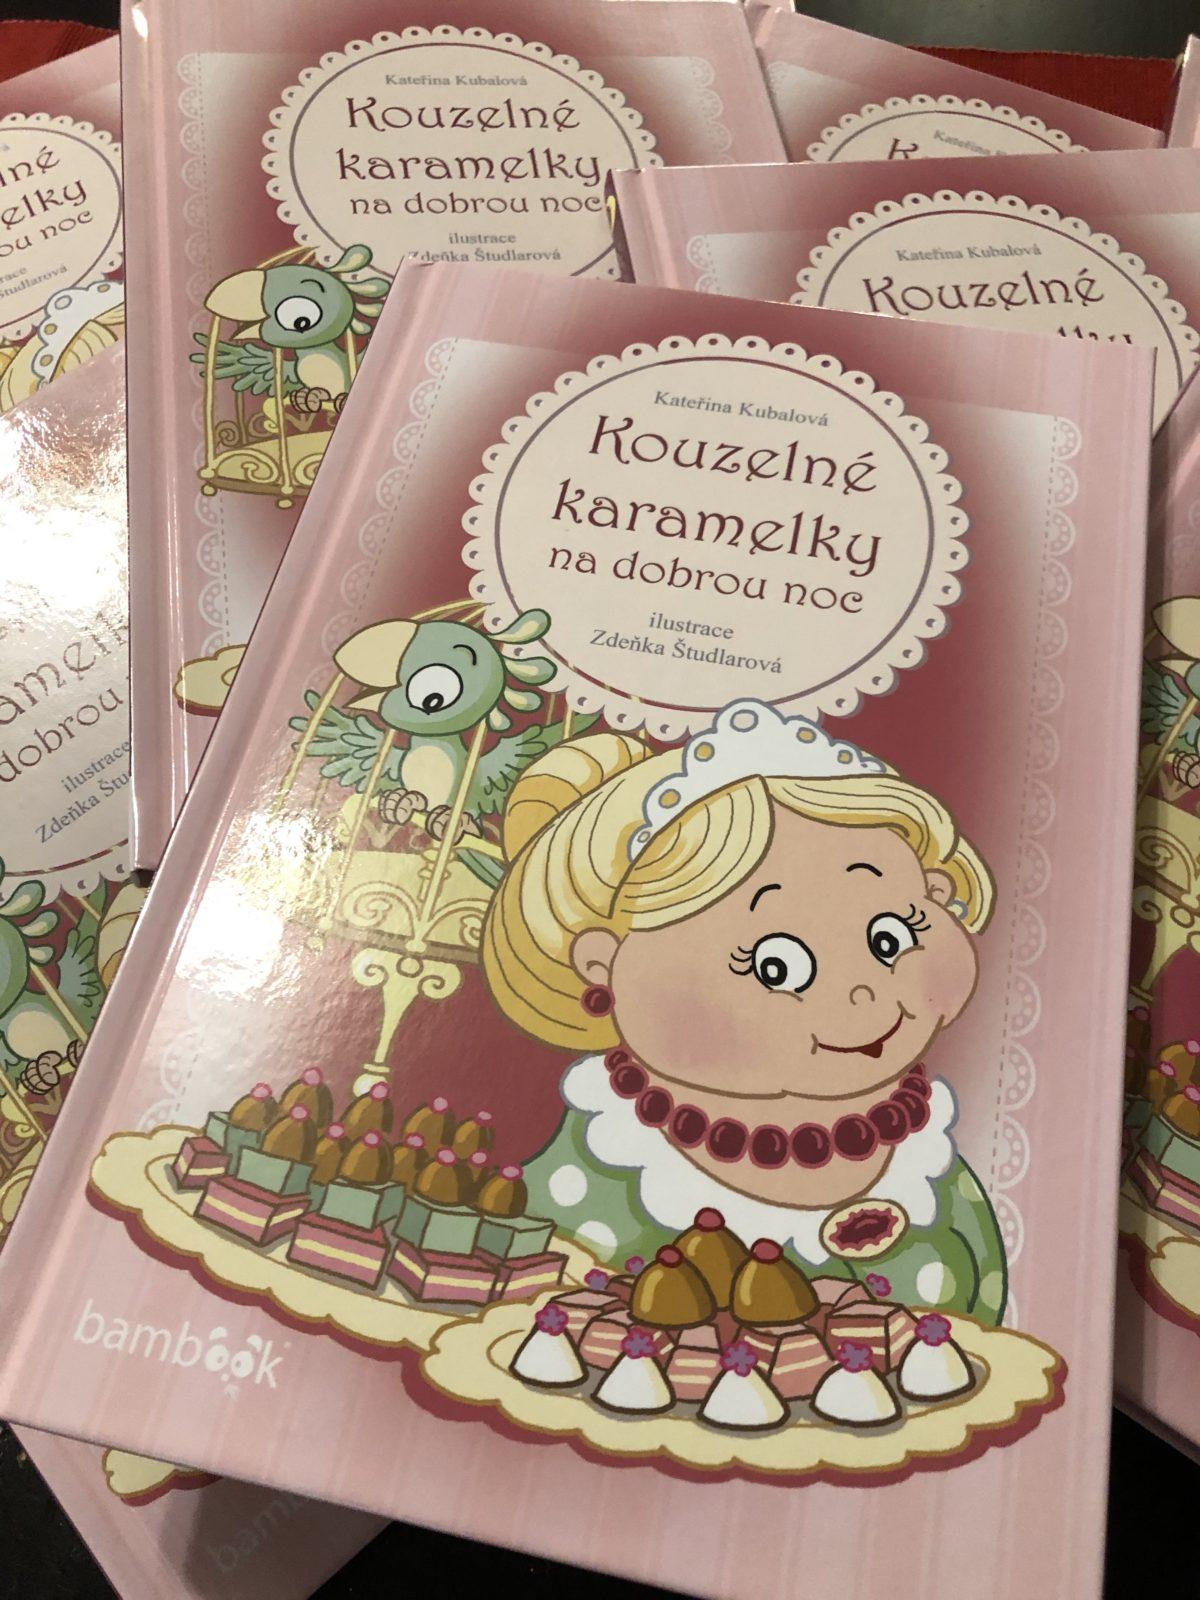 Kouzelné karamelky Katky Kubalové – konečně půvabná knížka pro nejmenší!